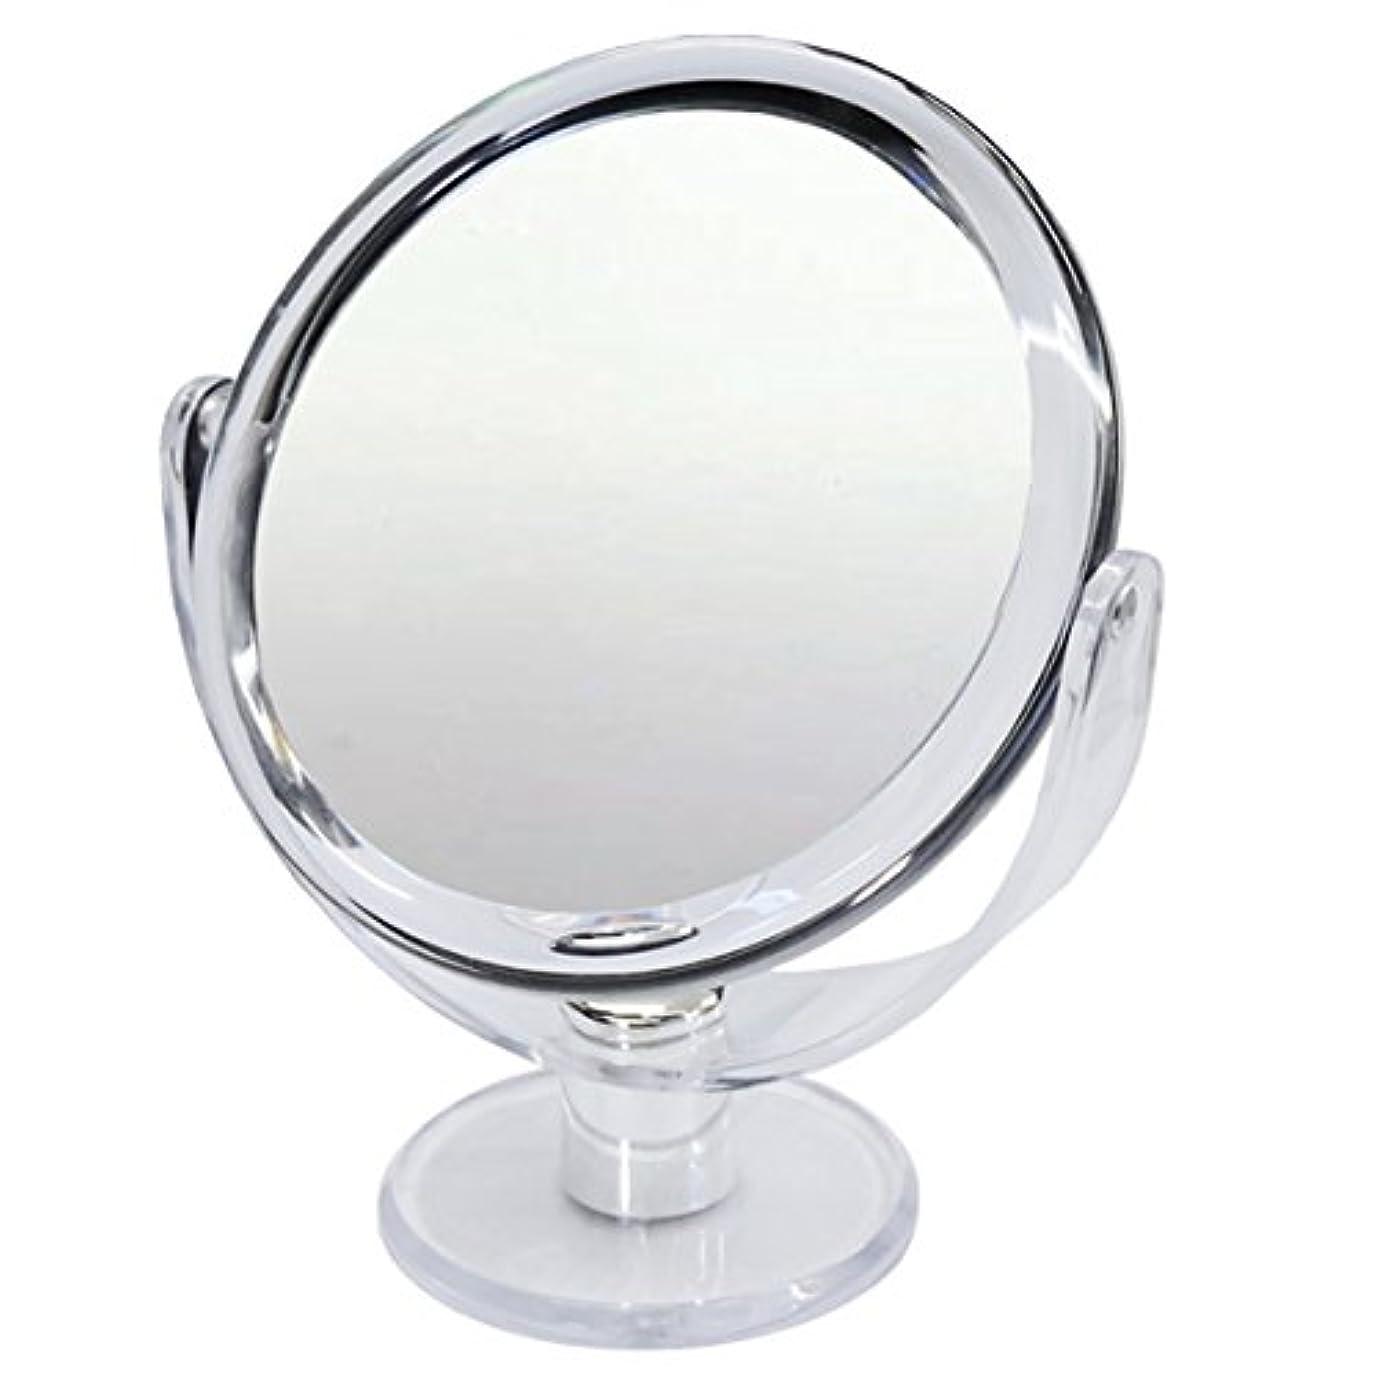 受賞レーニン主義フォーマル10倍 拡大鏡 スタンドミラー 等倍鏡と10倍鏡の両面鏡